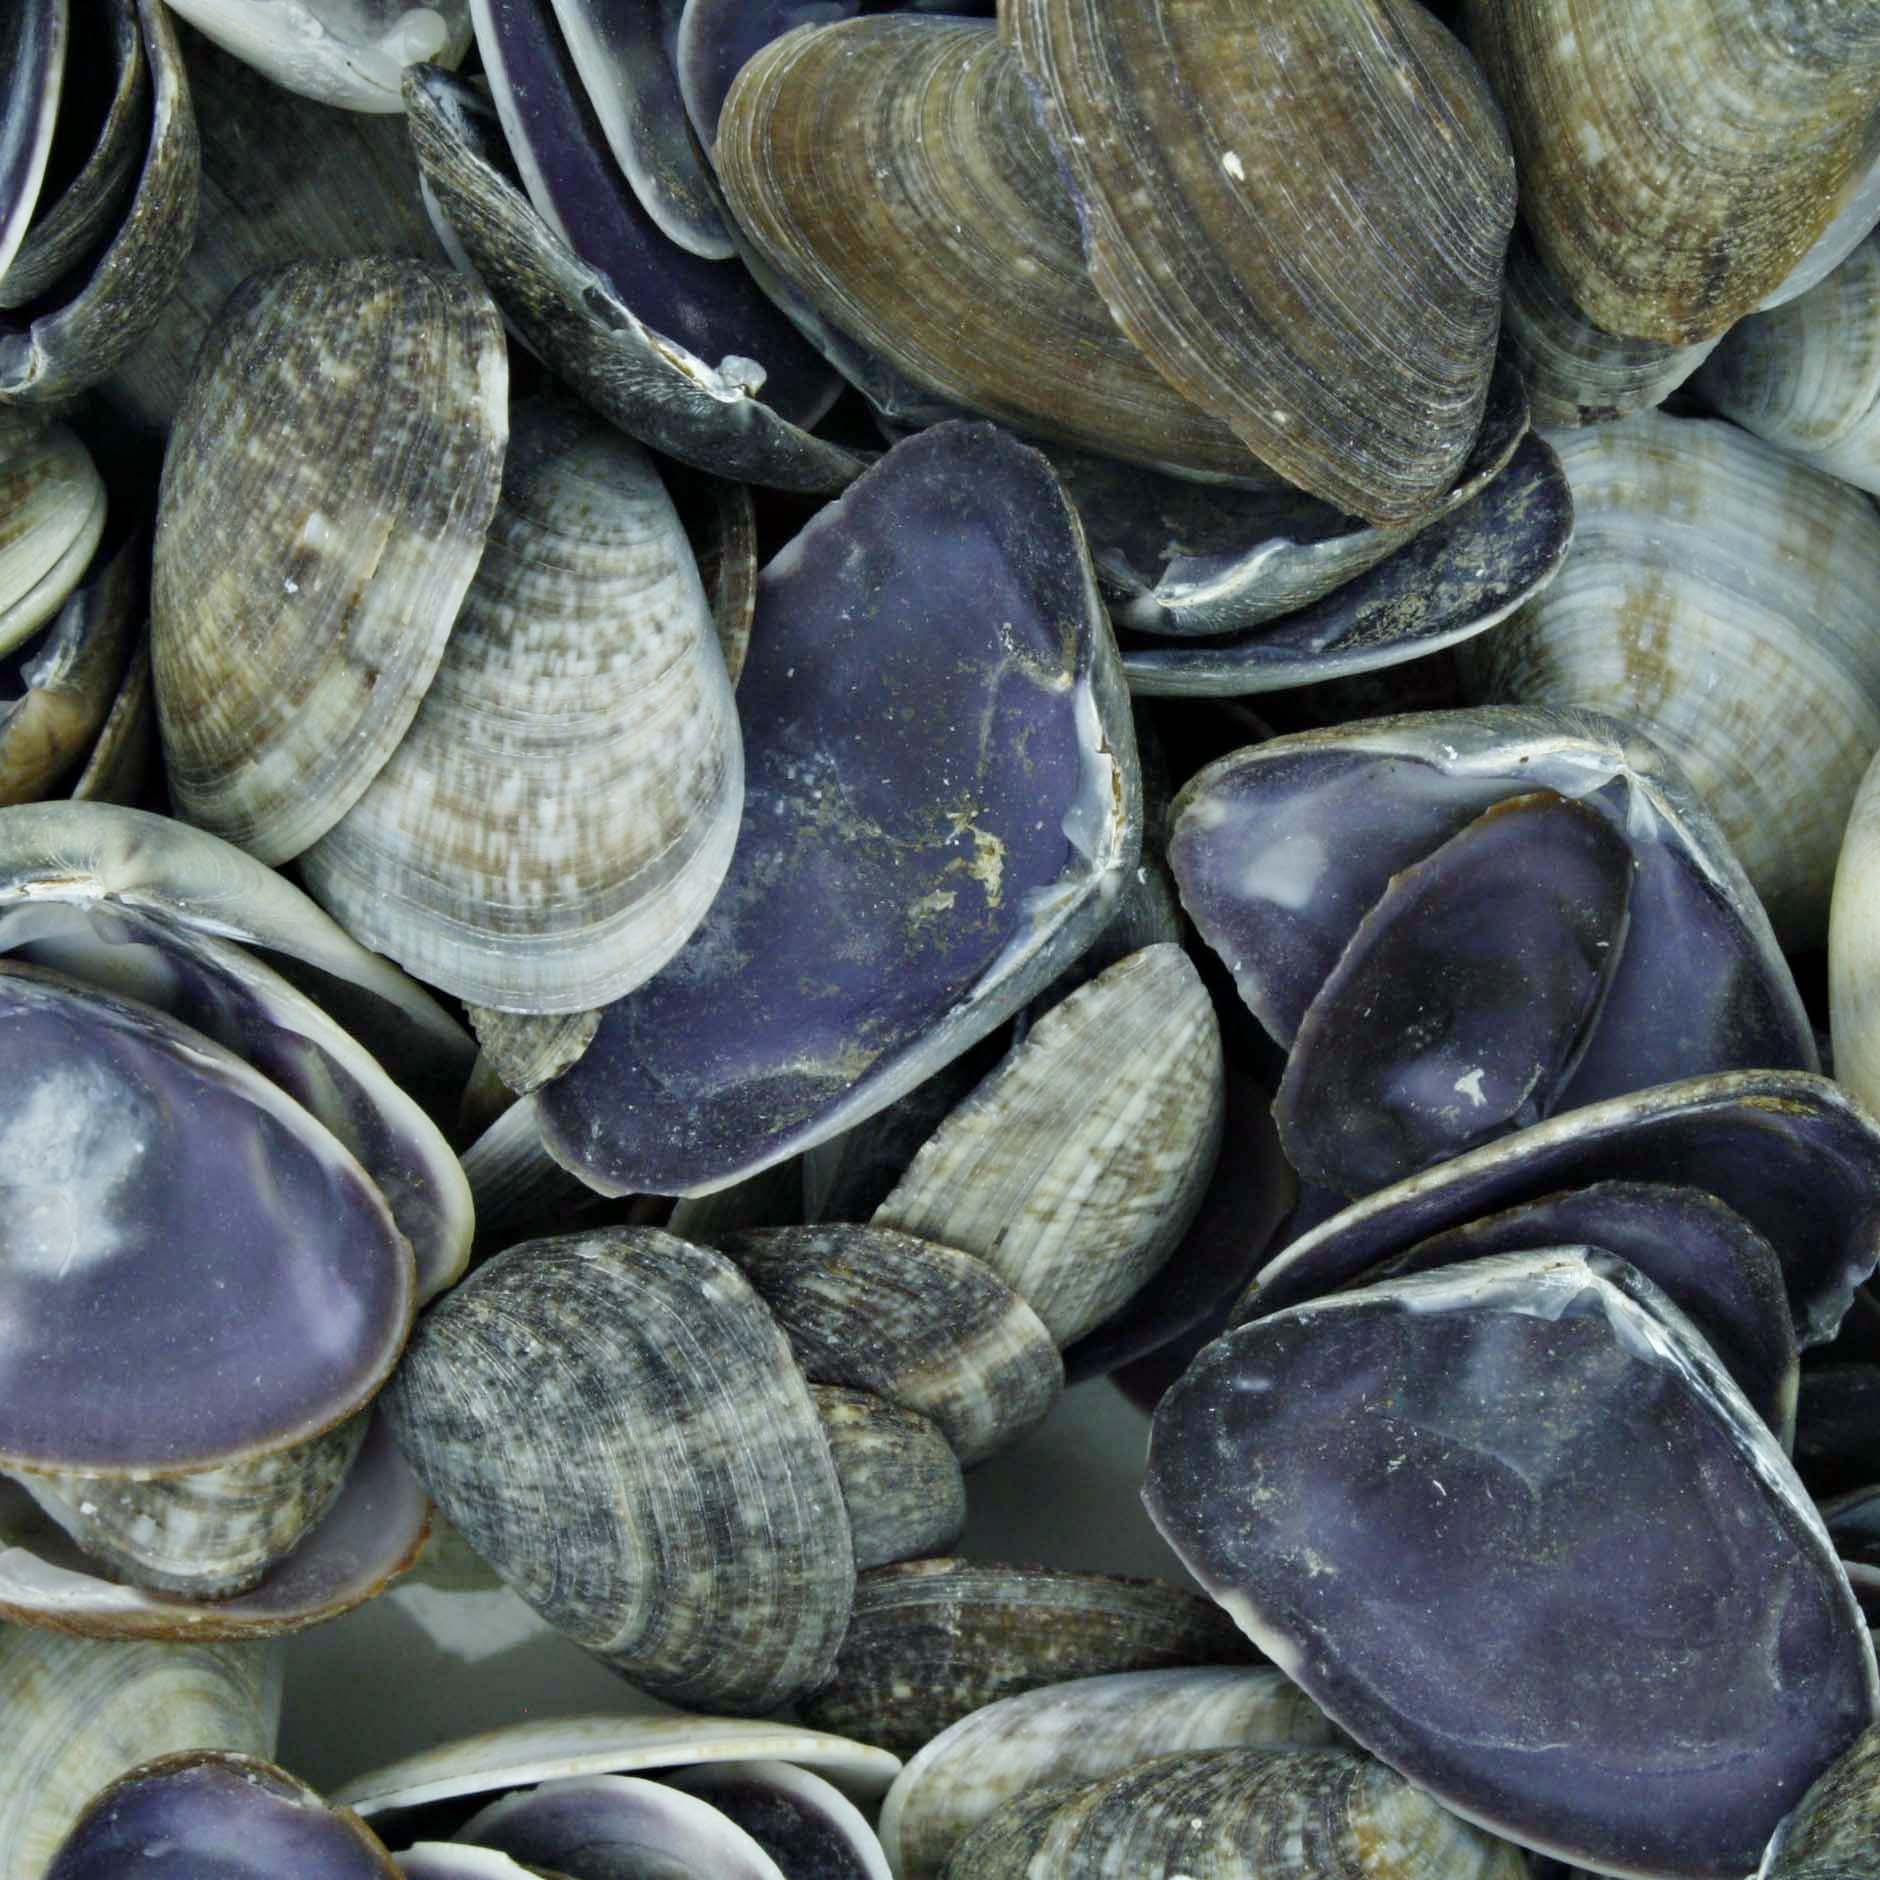 Concha - Cay Cay Shell Purple (Dosinia Trosheli)  - Universo Religioso® - Artigos de Umbanda e Candomblé